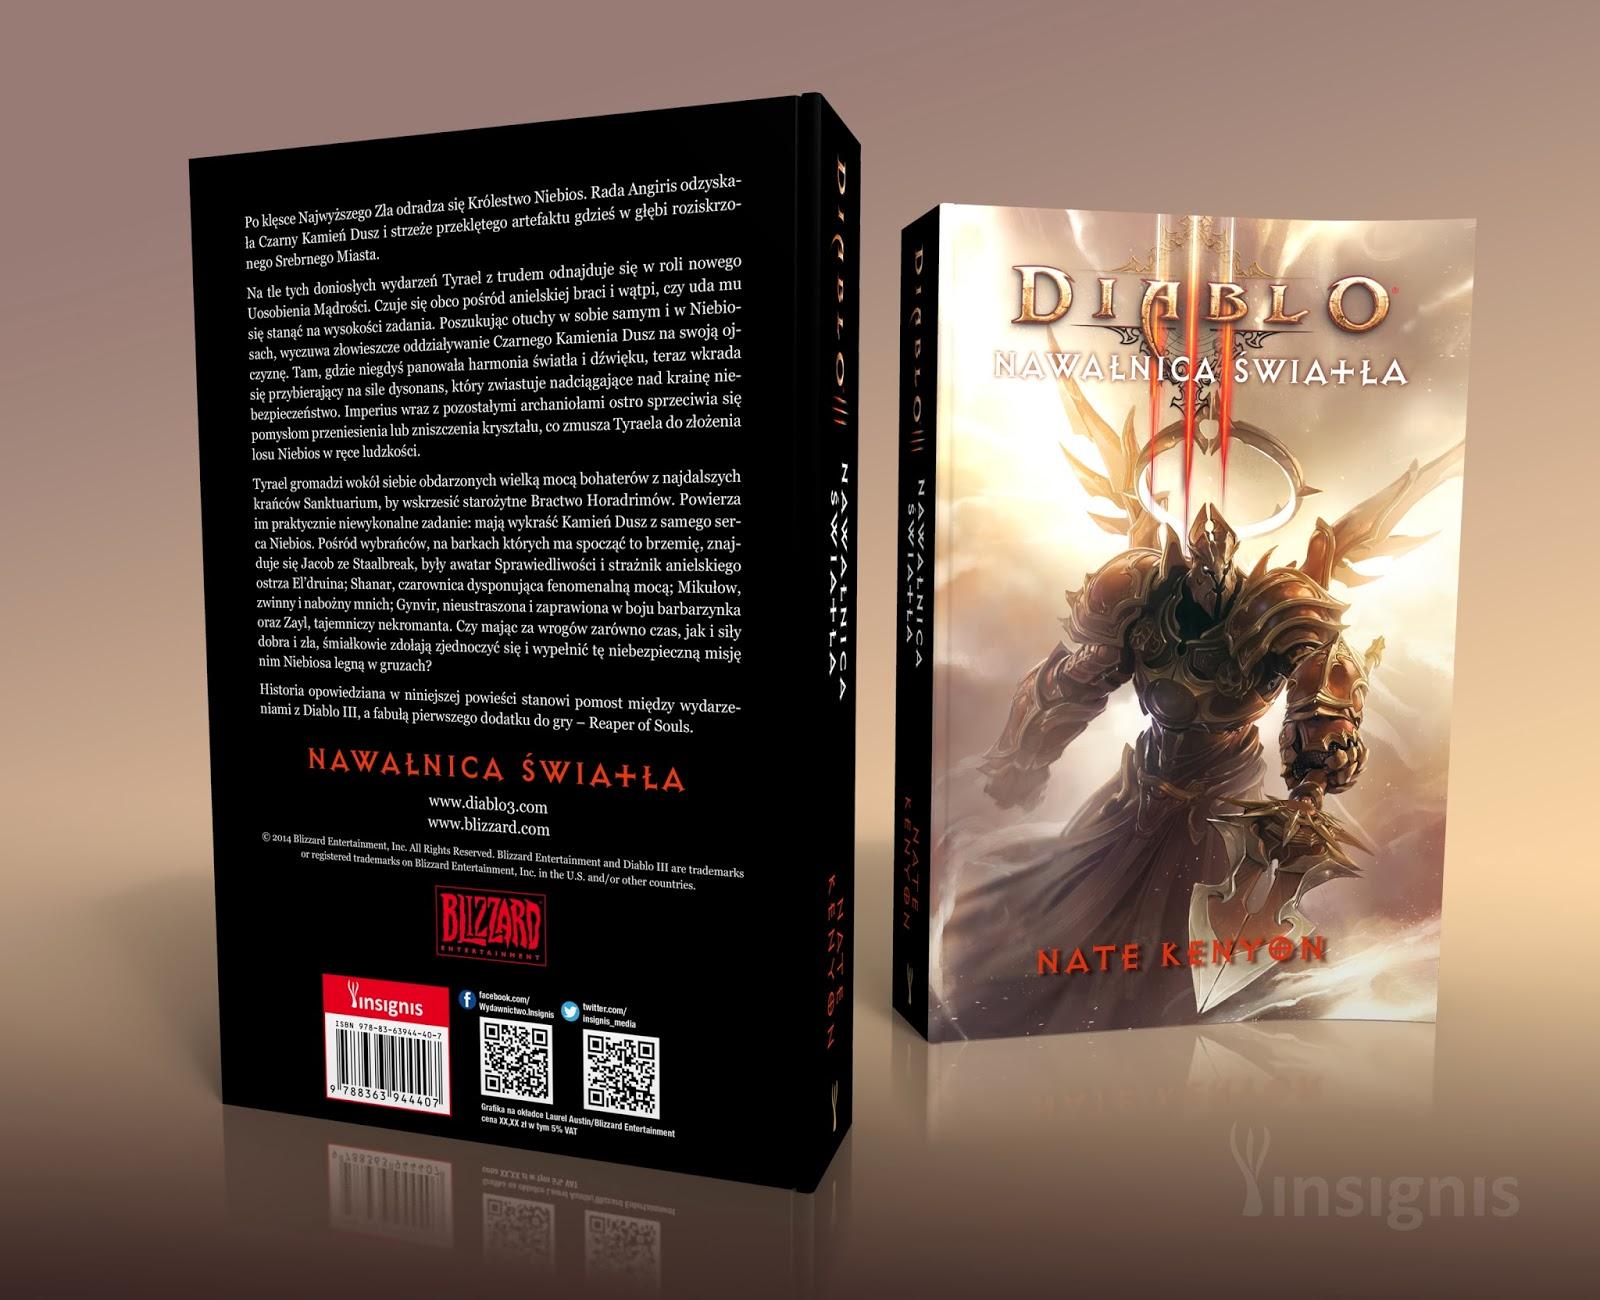 Nowa książka z serii Diablo III autorstwa Nate'a Kenyona, cenionego twórcy thrillerów, już 19 marca w księgarniach!